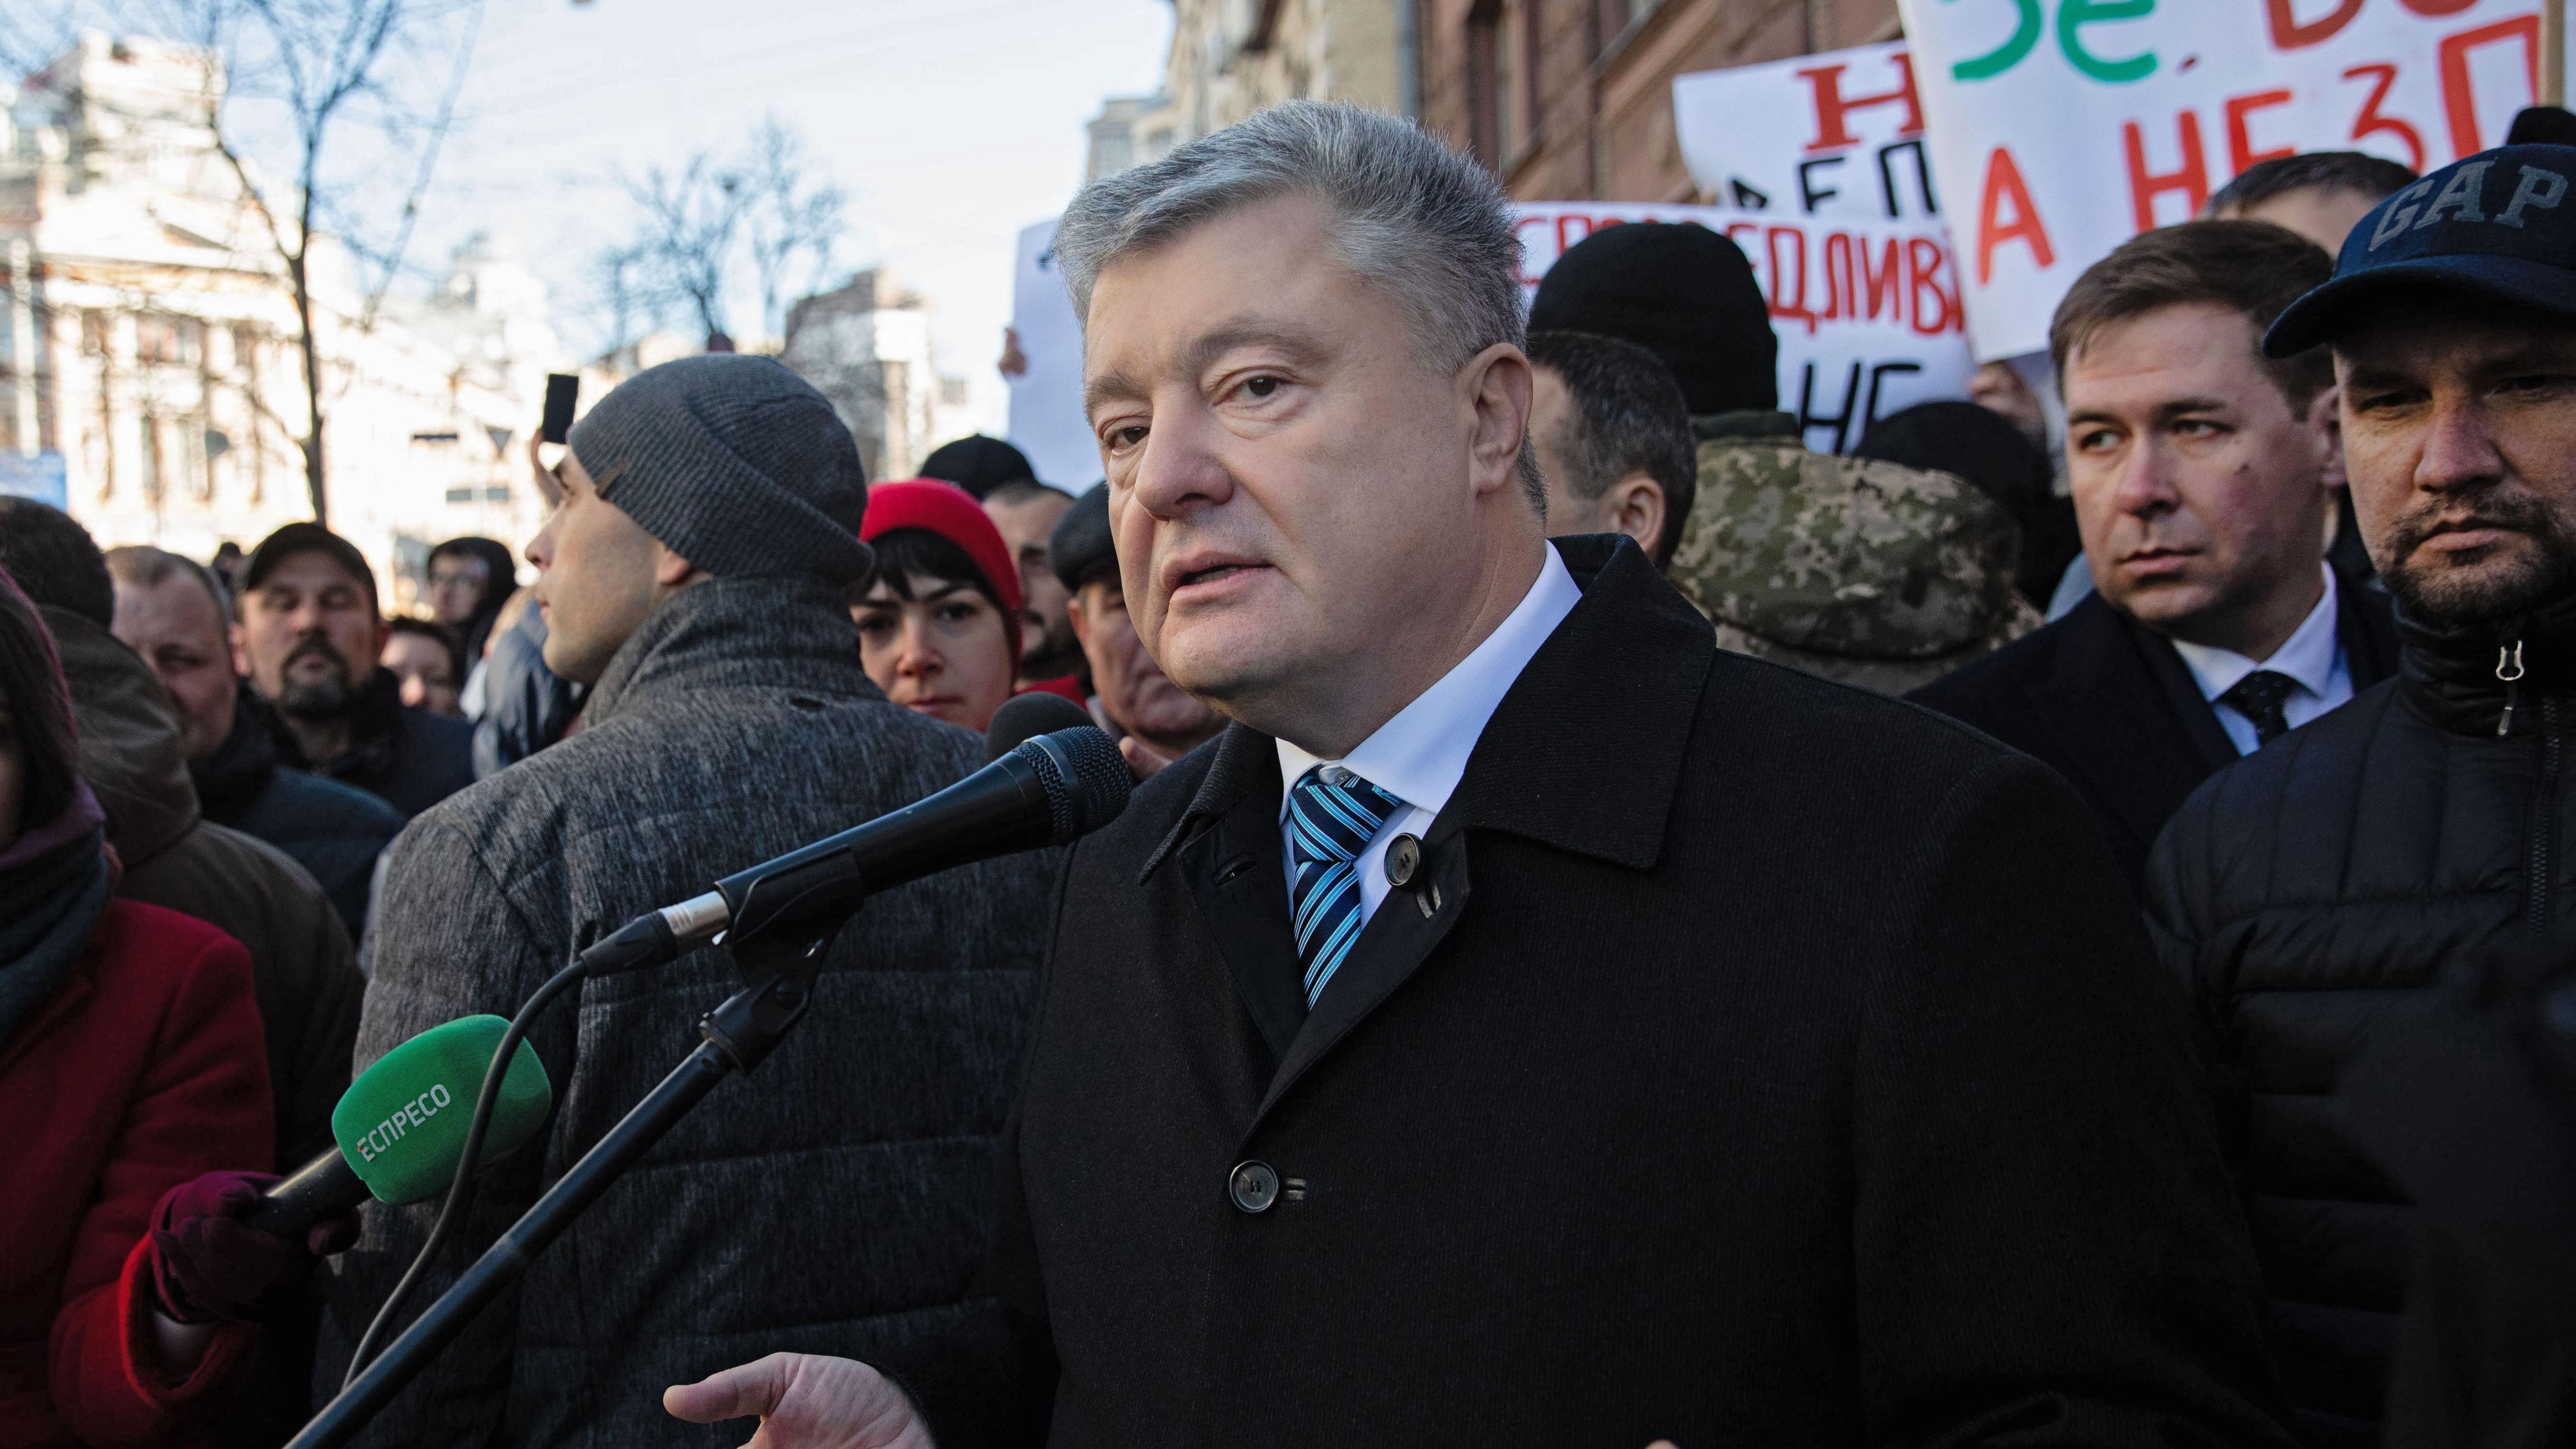 Против Порошенко возбудили 24 уголовных дела